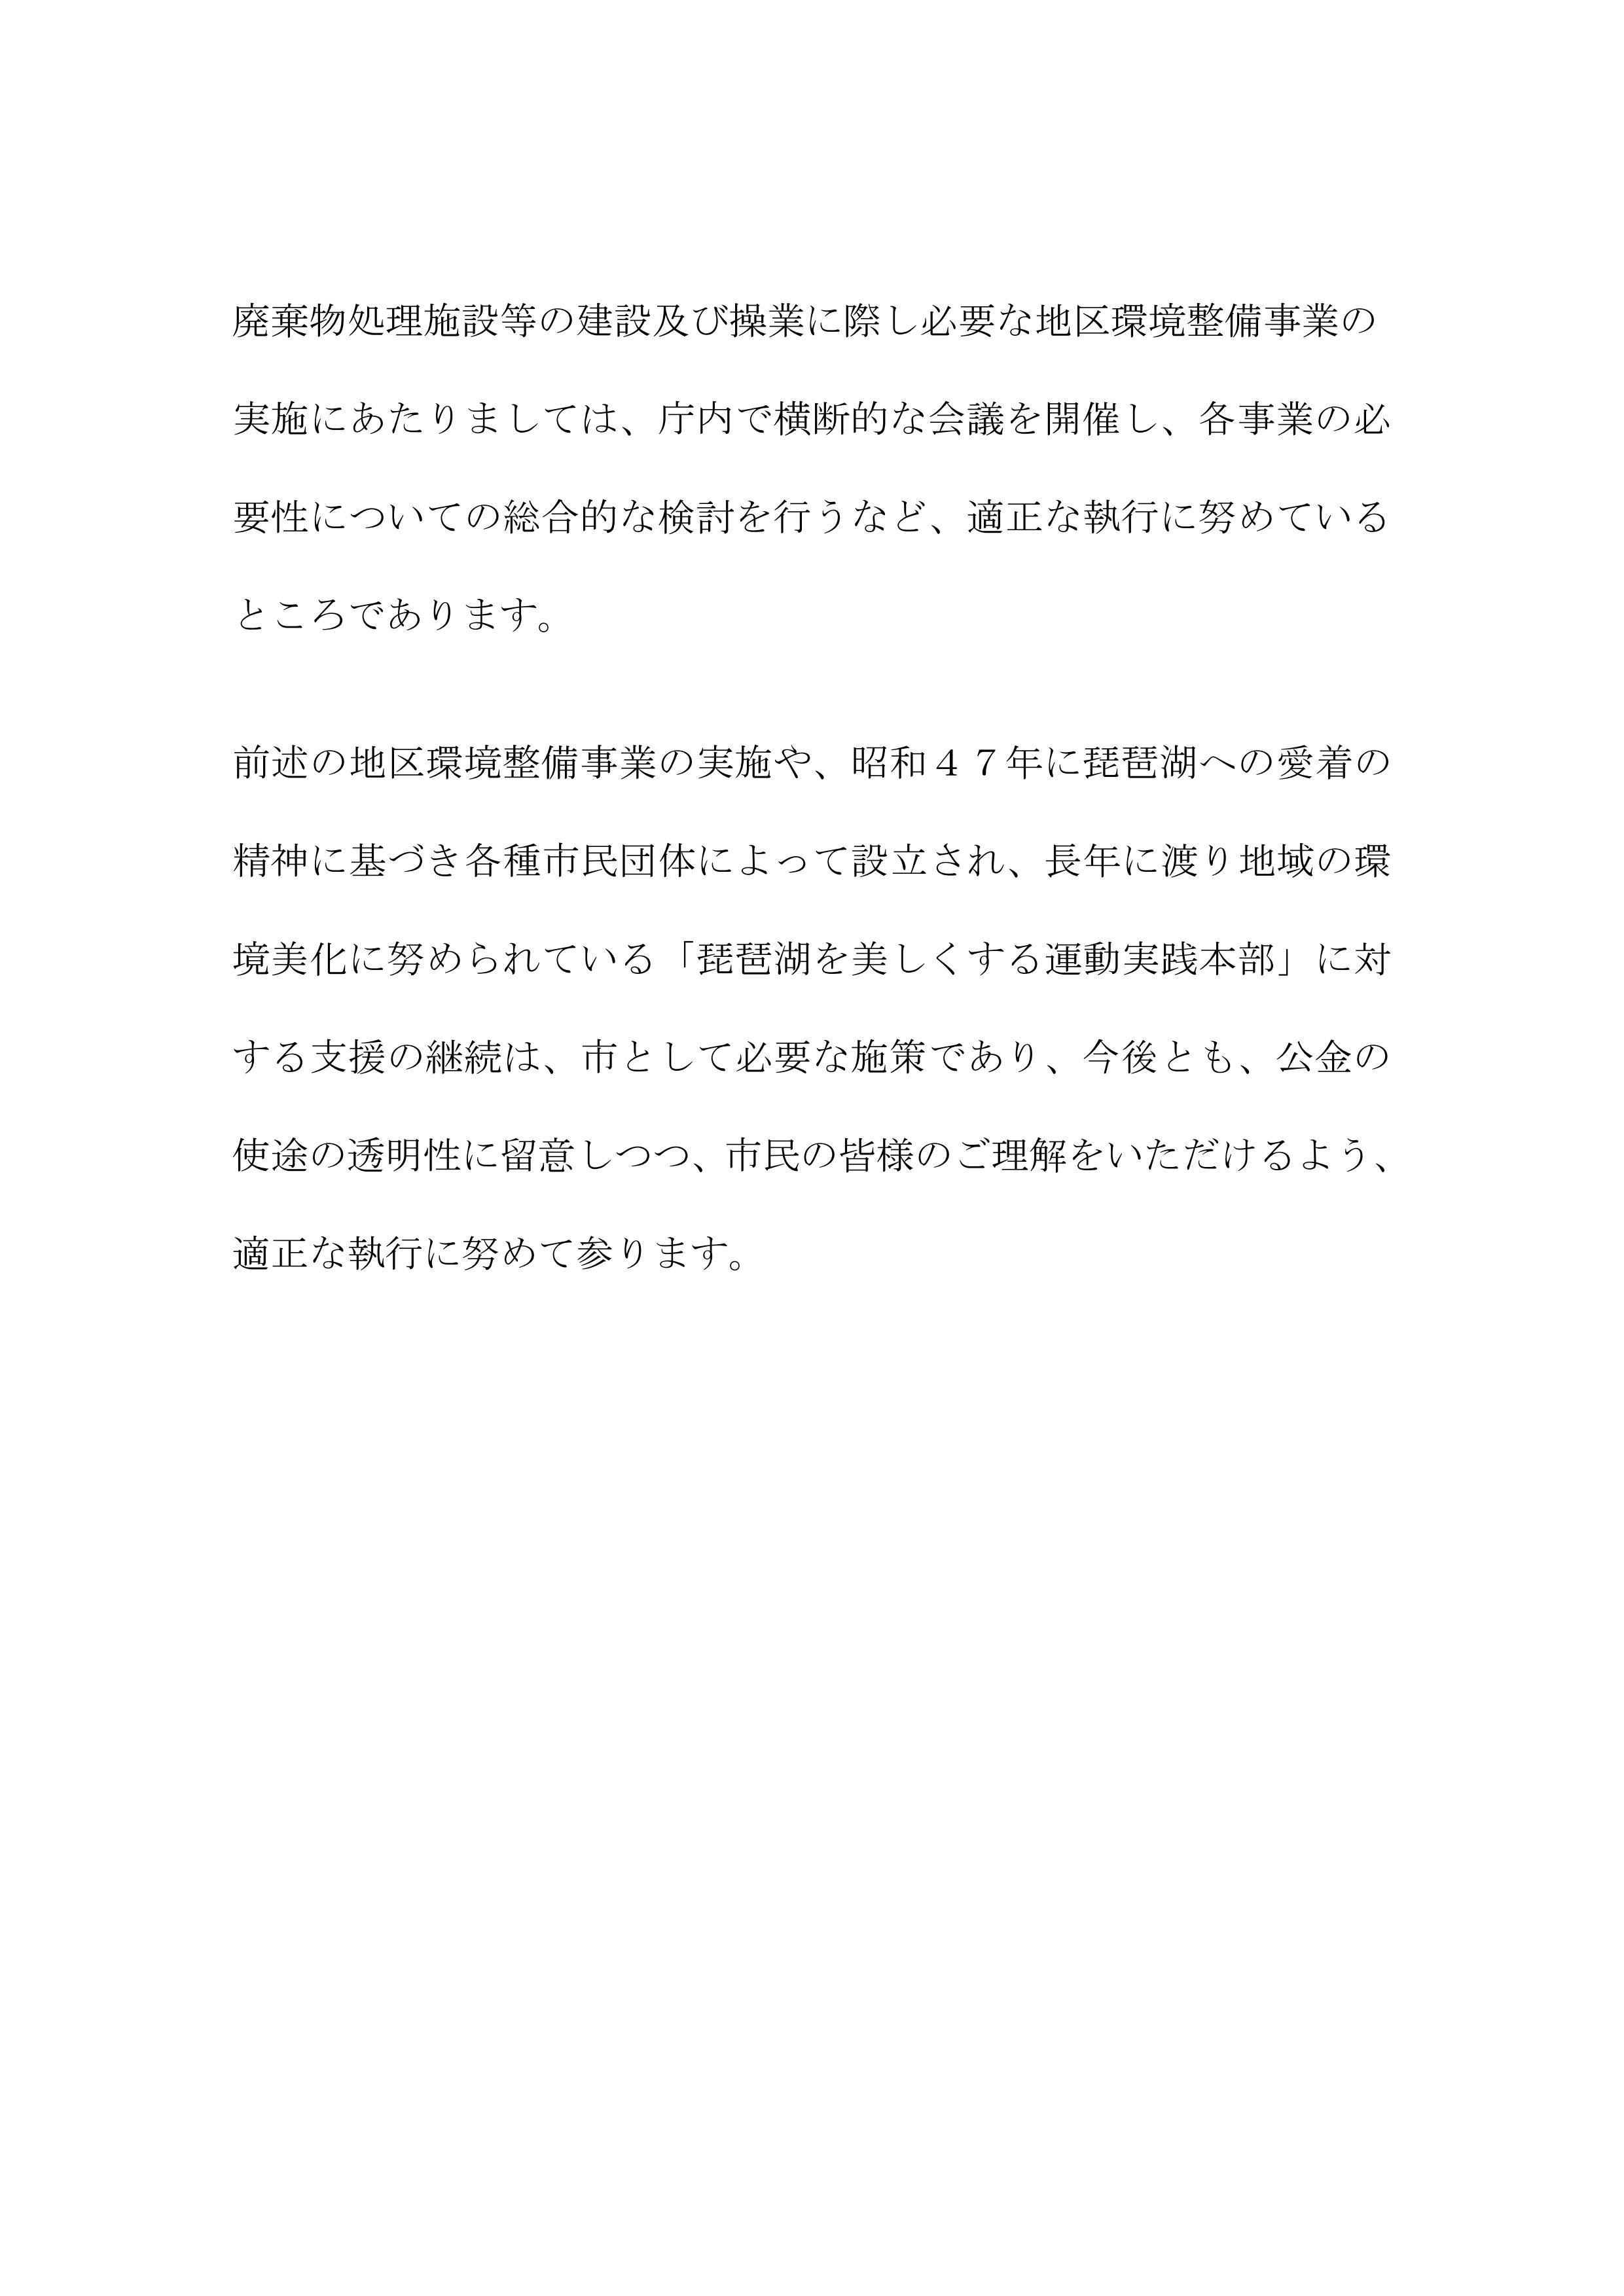 環境部長回答_01